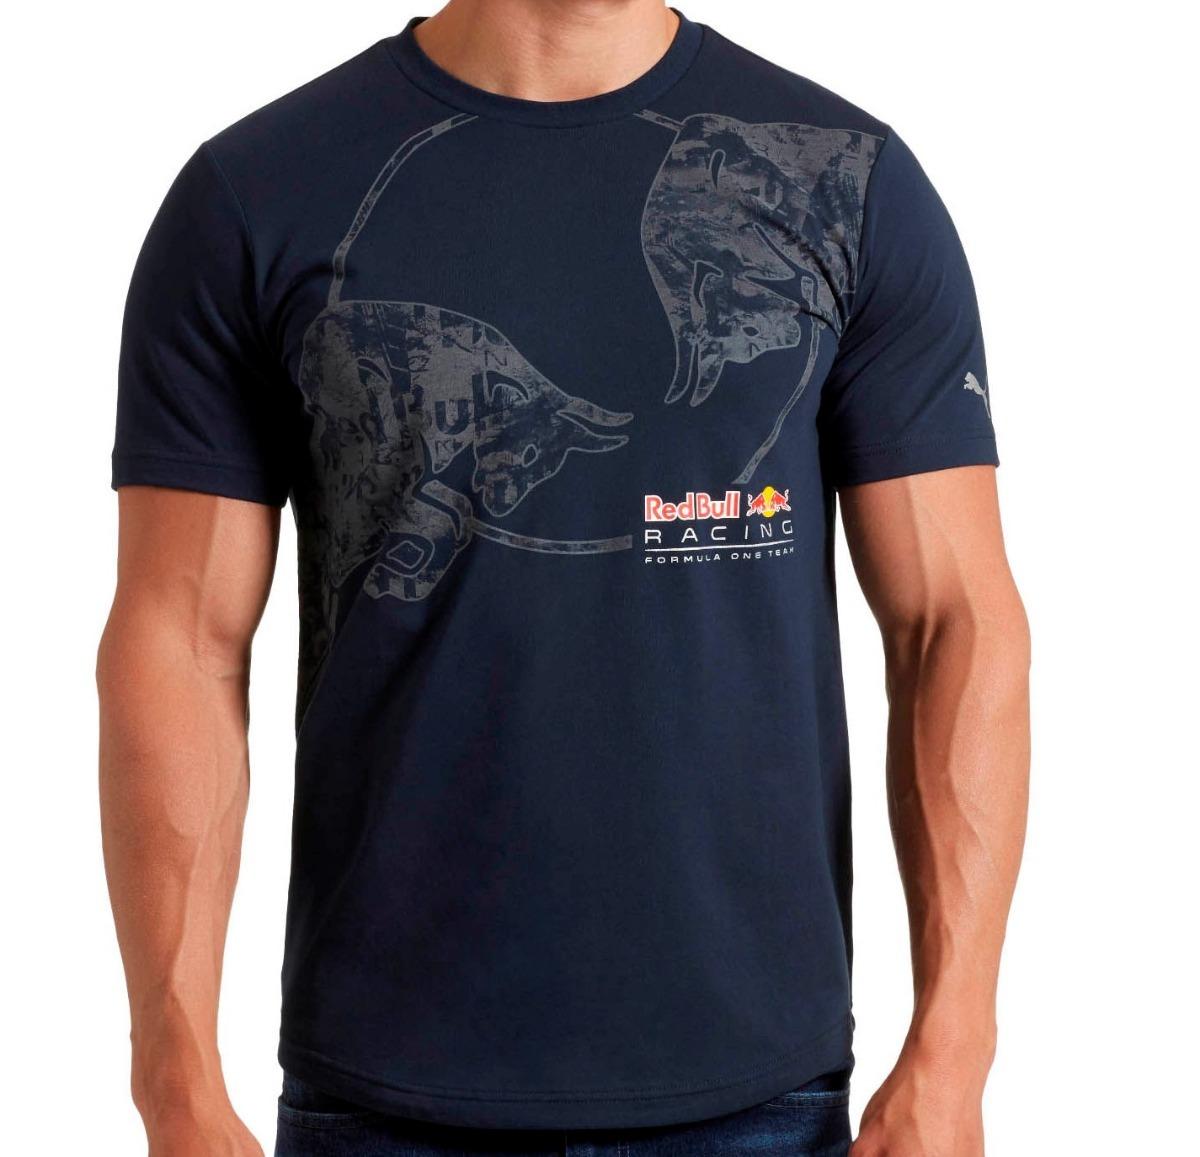 camiseta puma red bull racing total graphic marinho. Carregando zoom. 238e10a408d